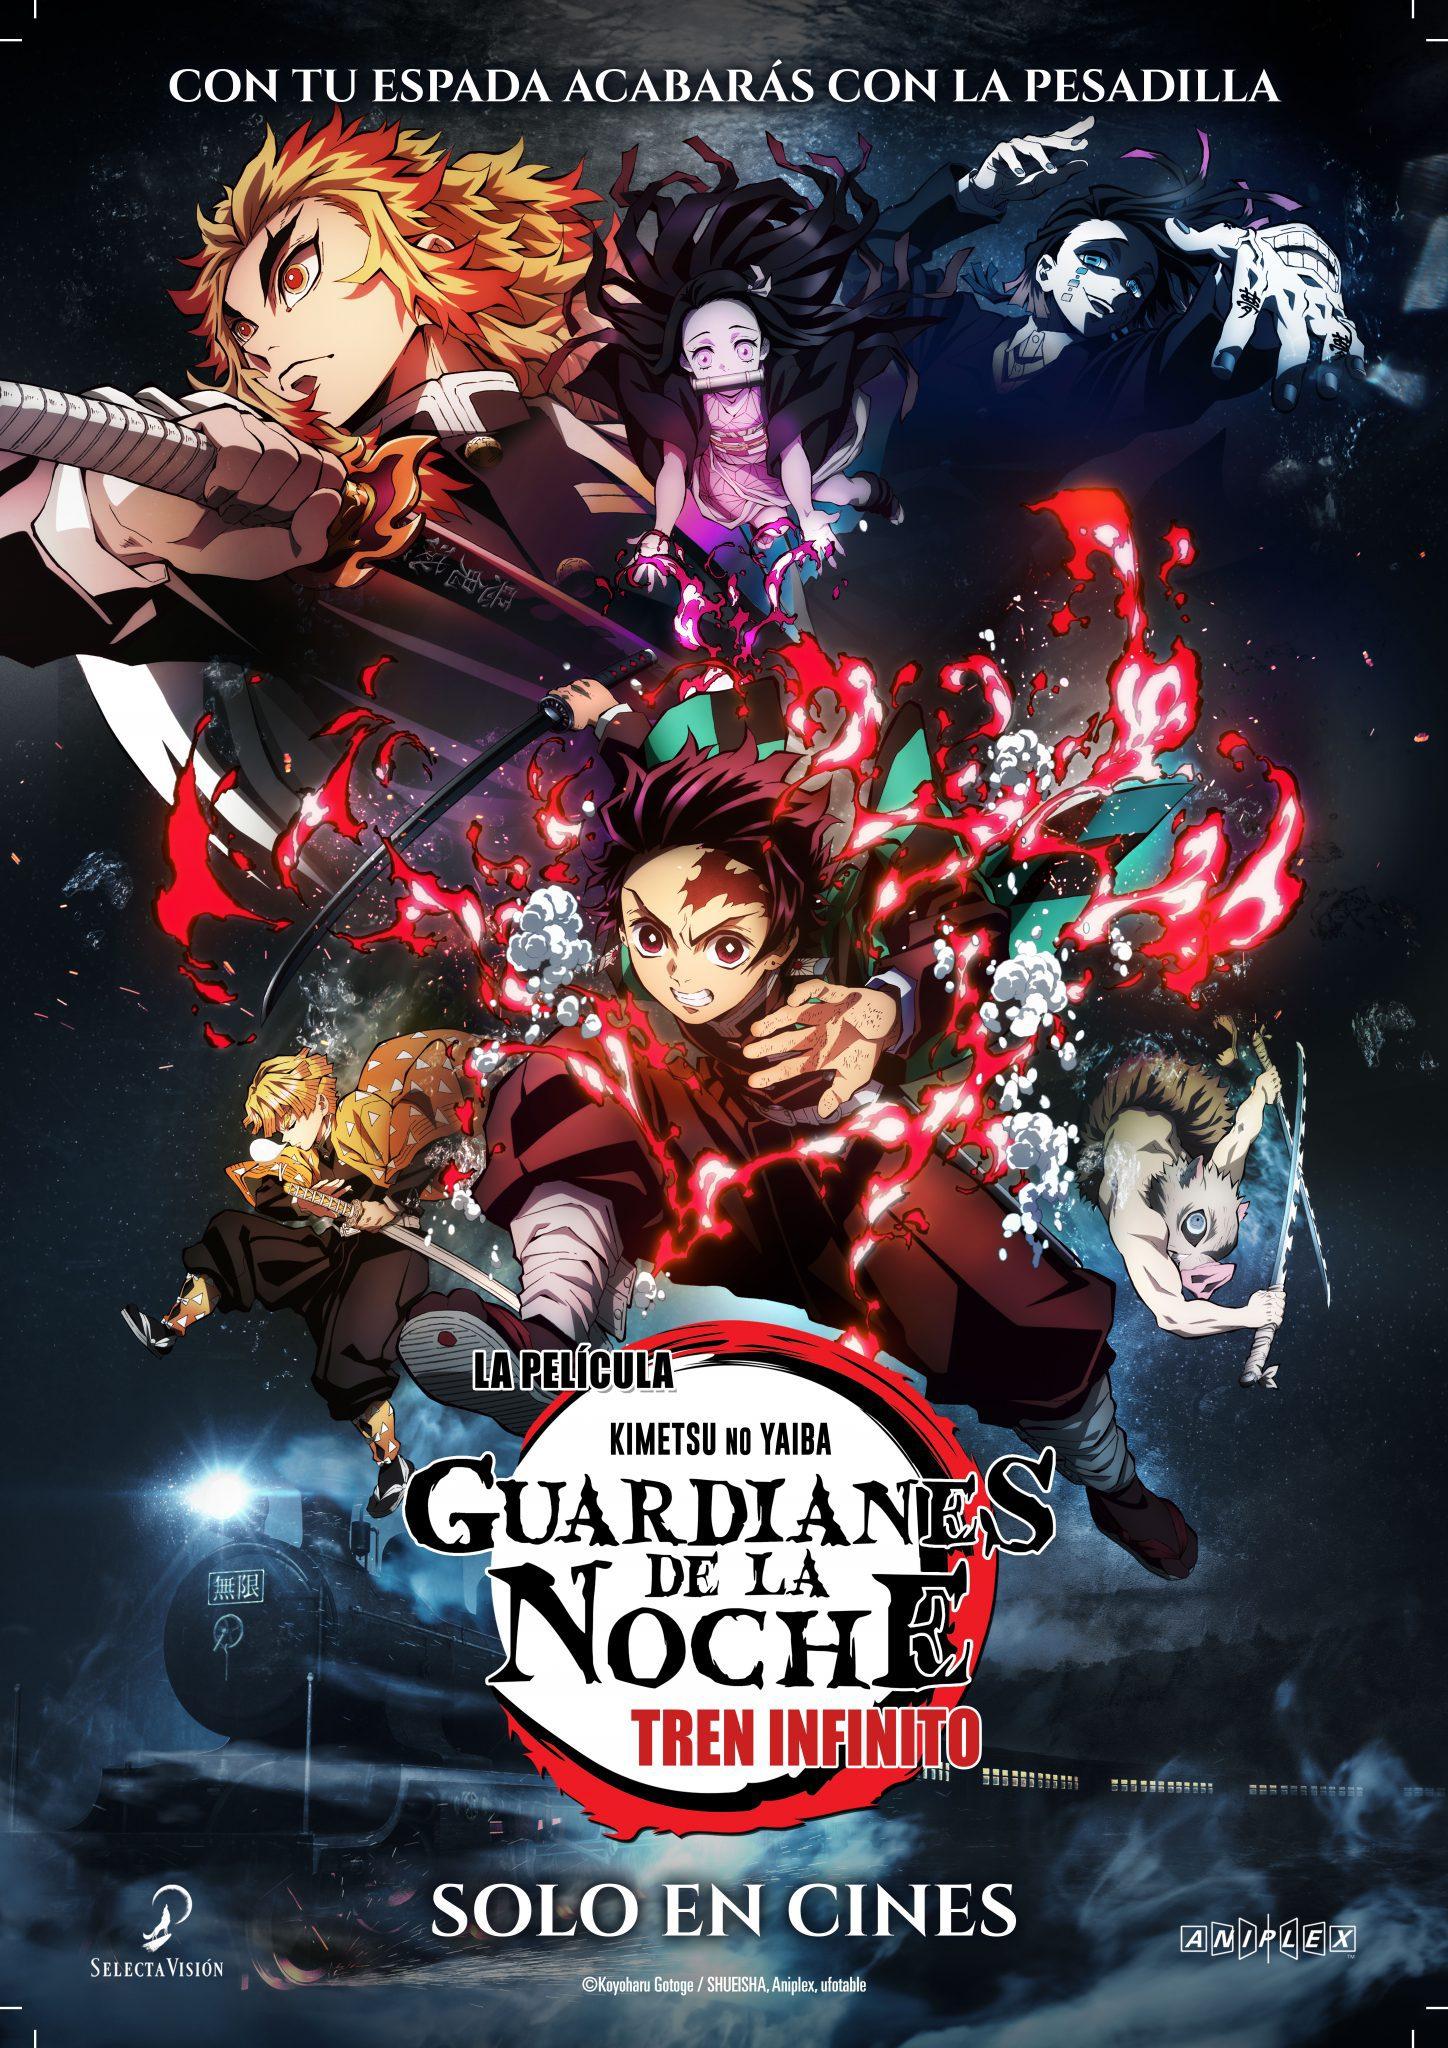 Cartel de Guardianes de la Noche: Tren infinito